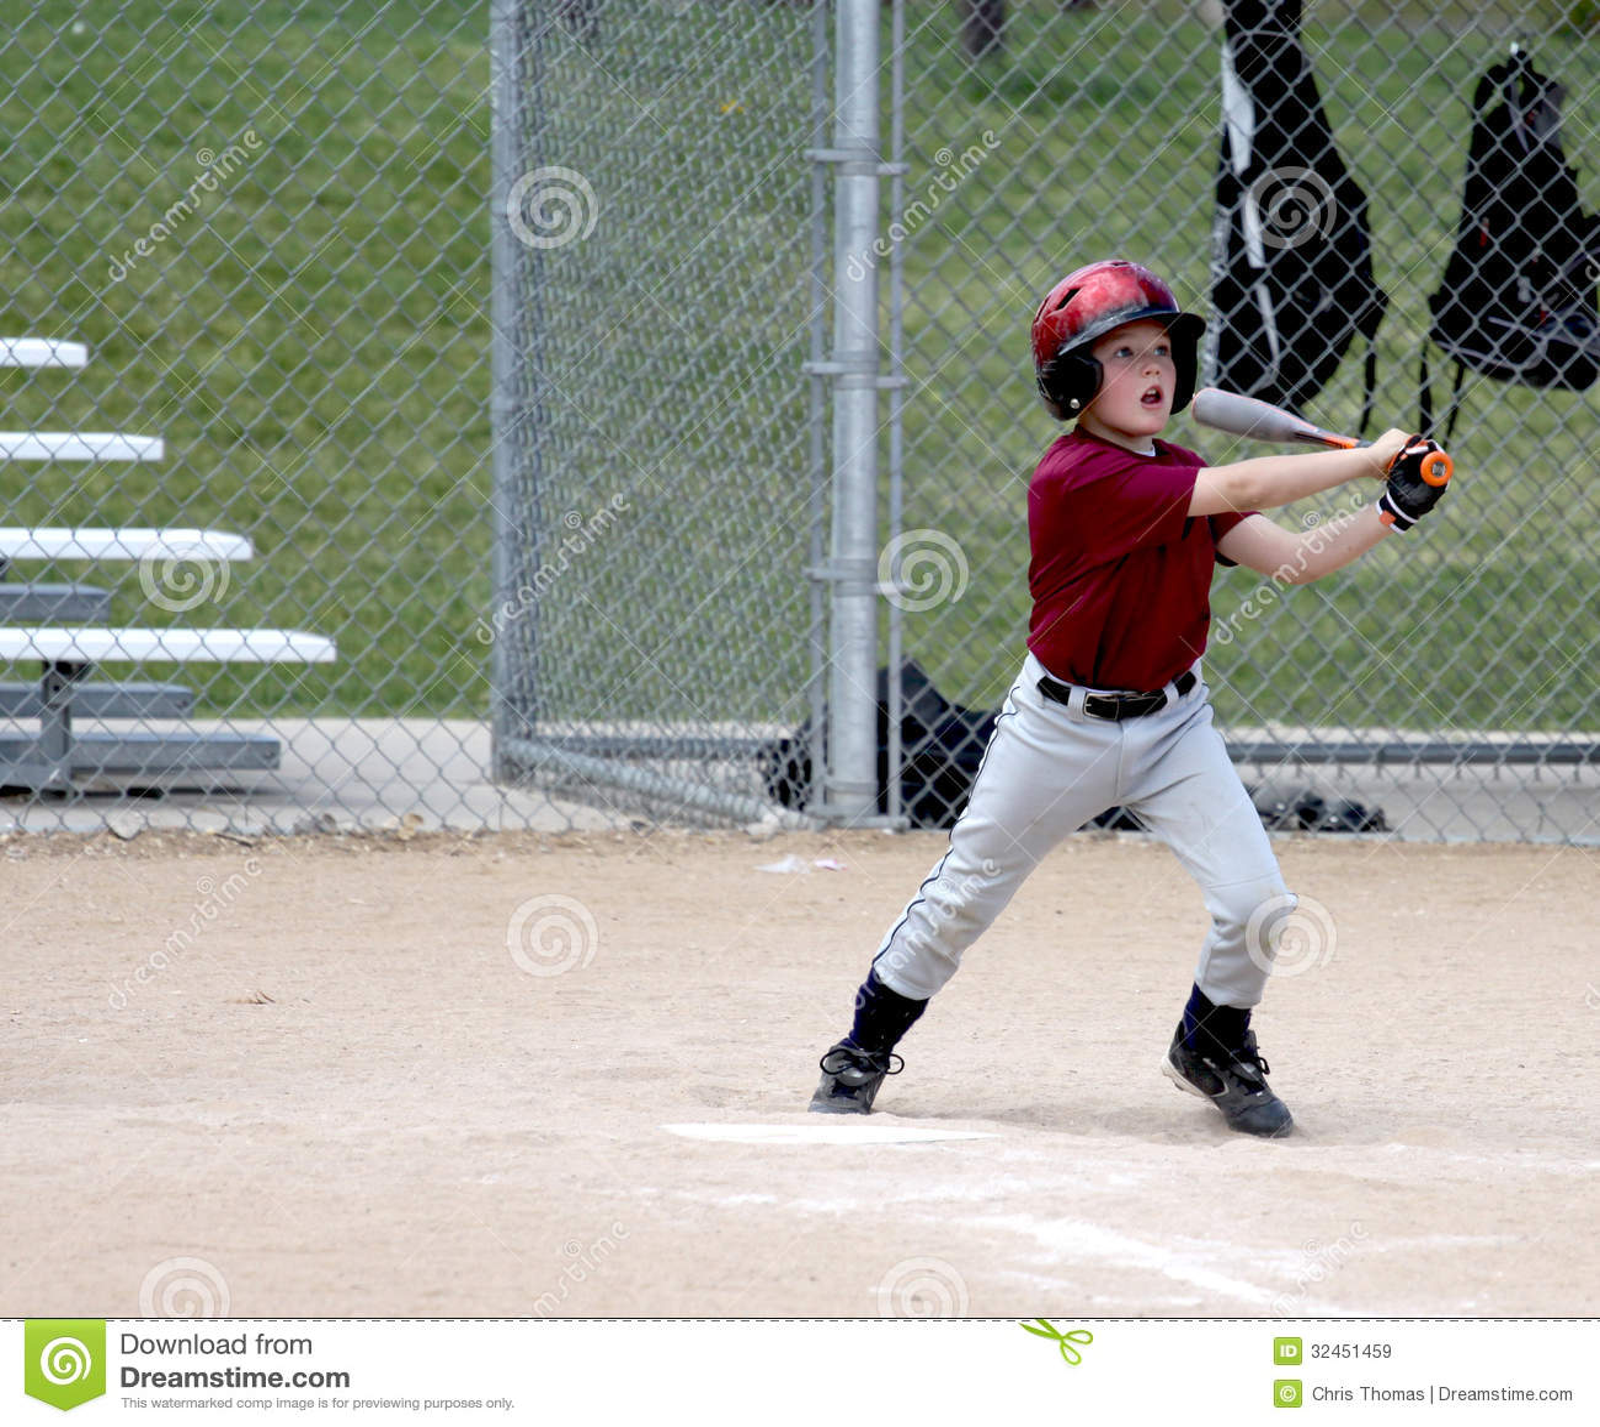 youth baseball player at bat stock image